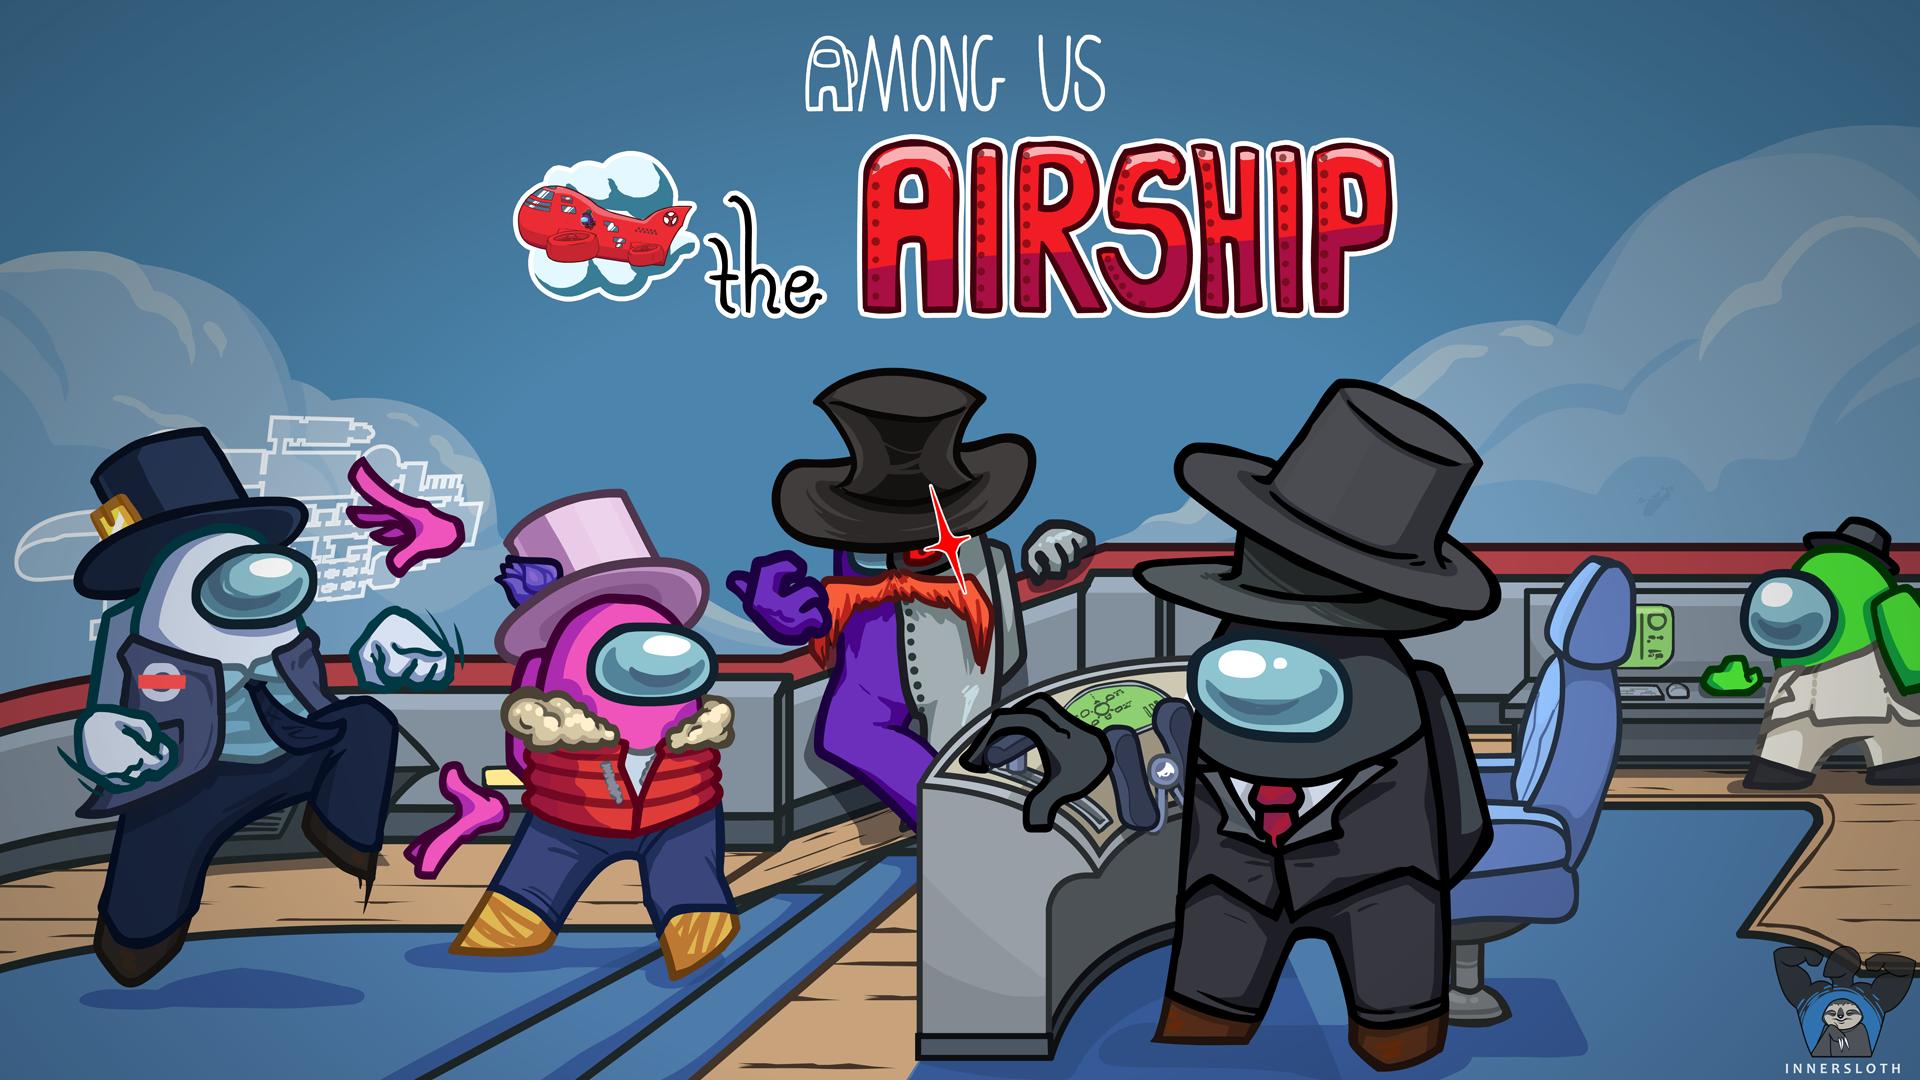 Among Us Airship